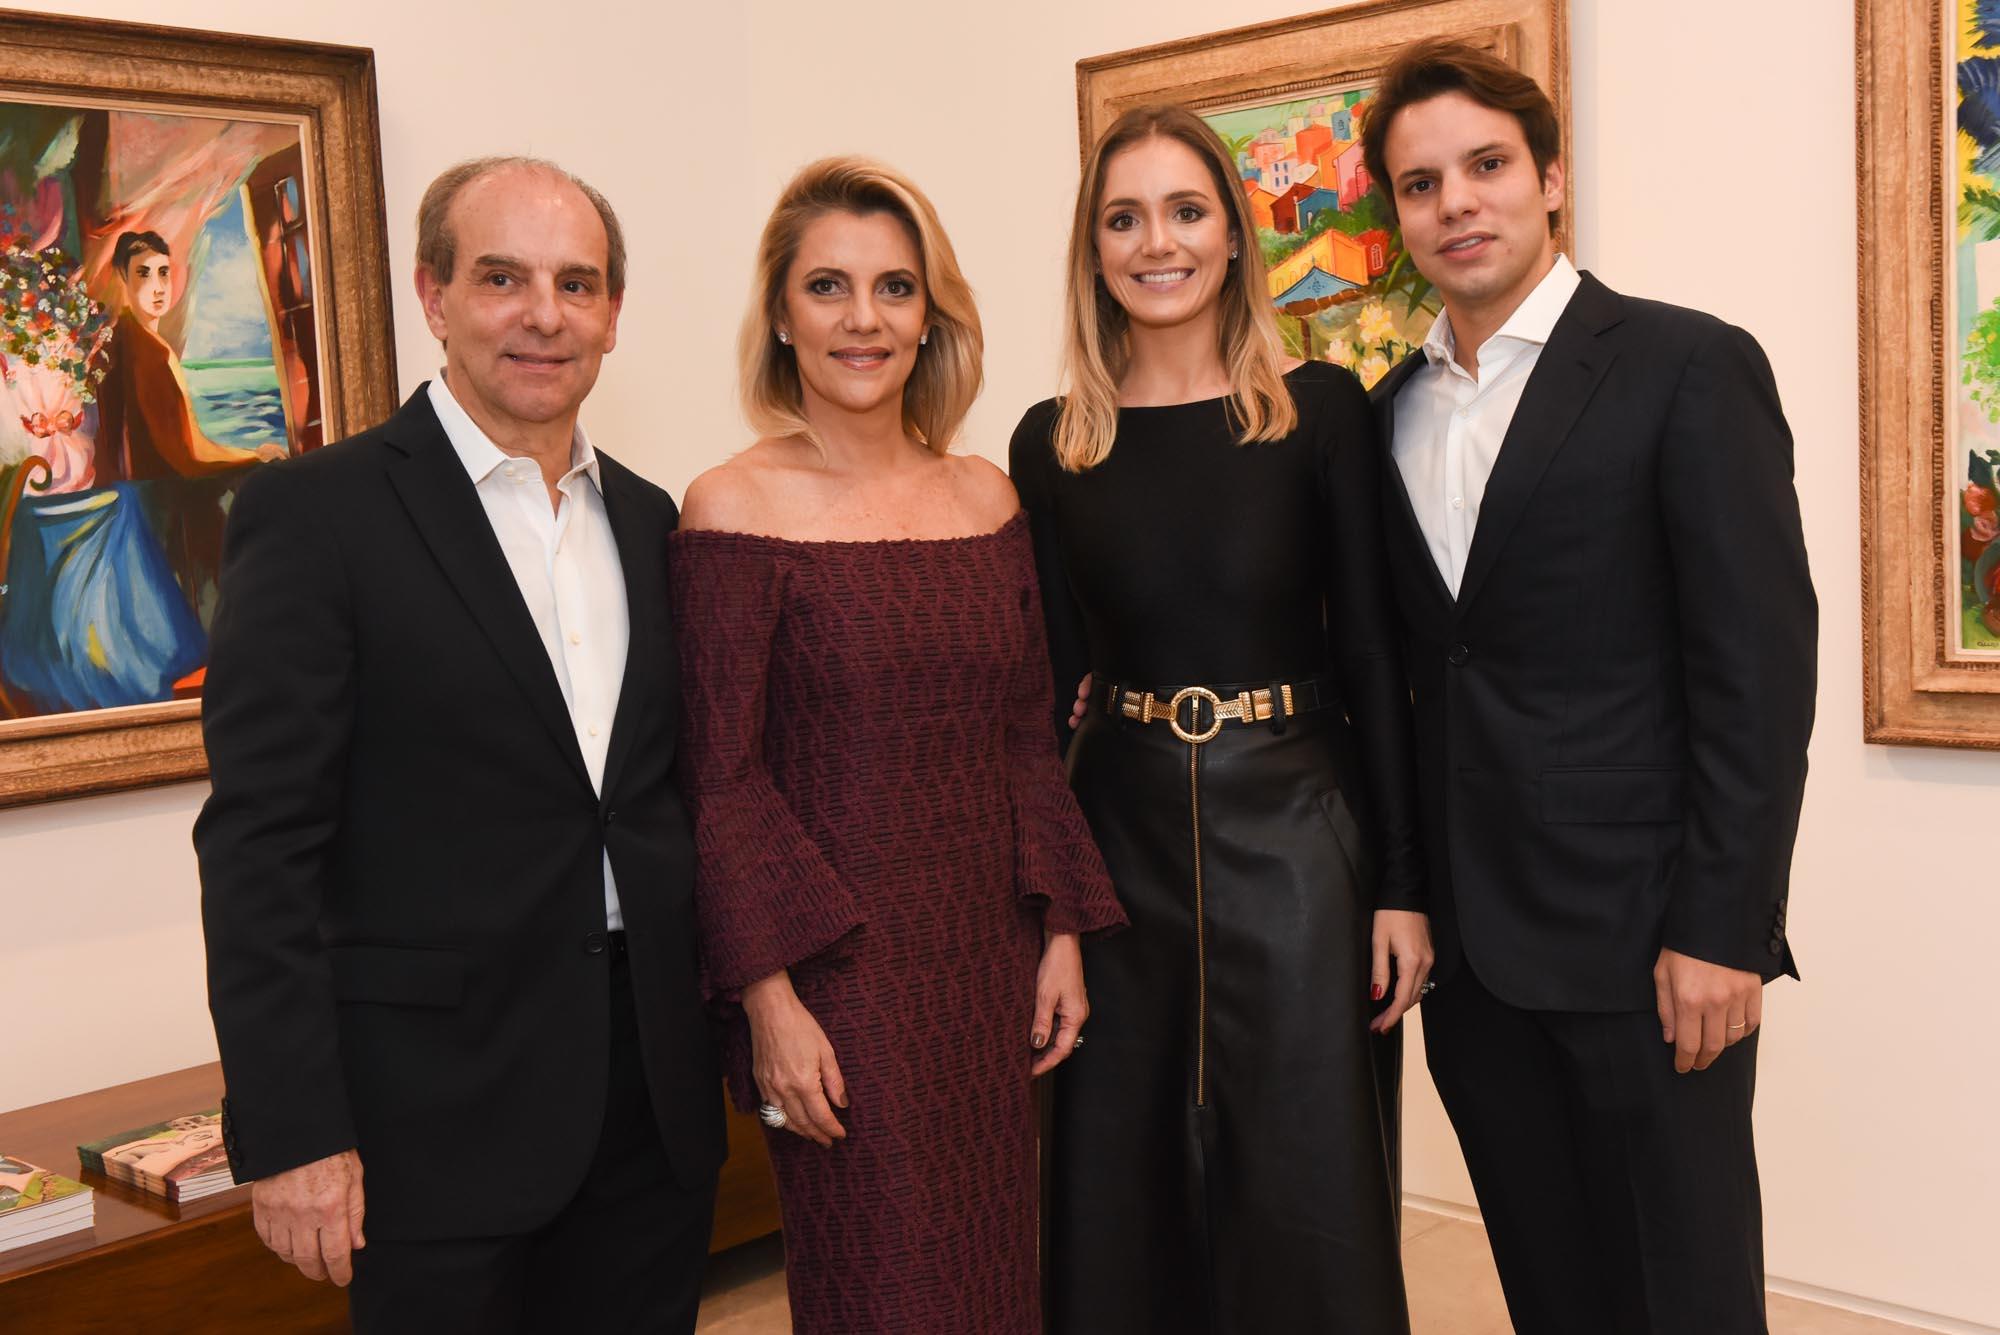 Waldir, Flavia, Alessandra e Guilherme Simoes de Assis_116